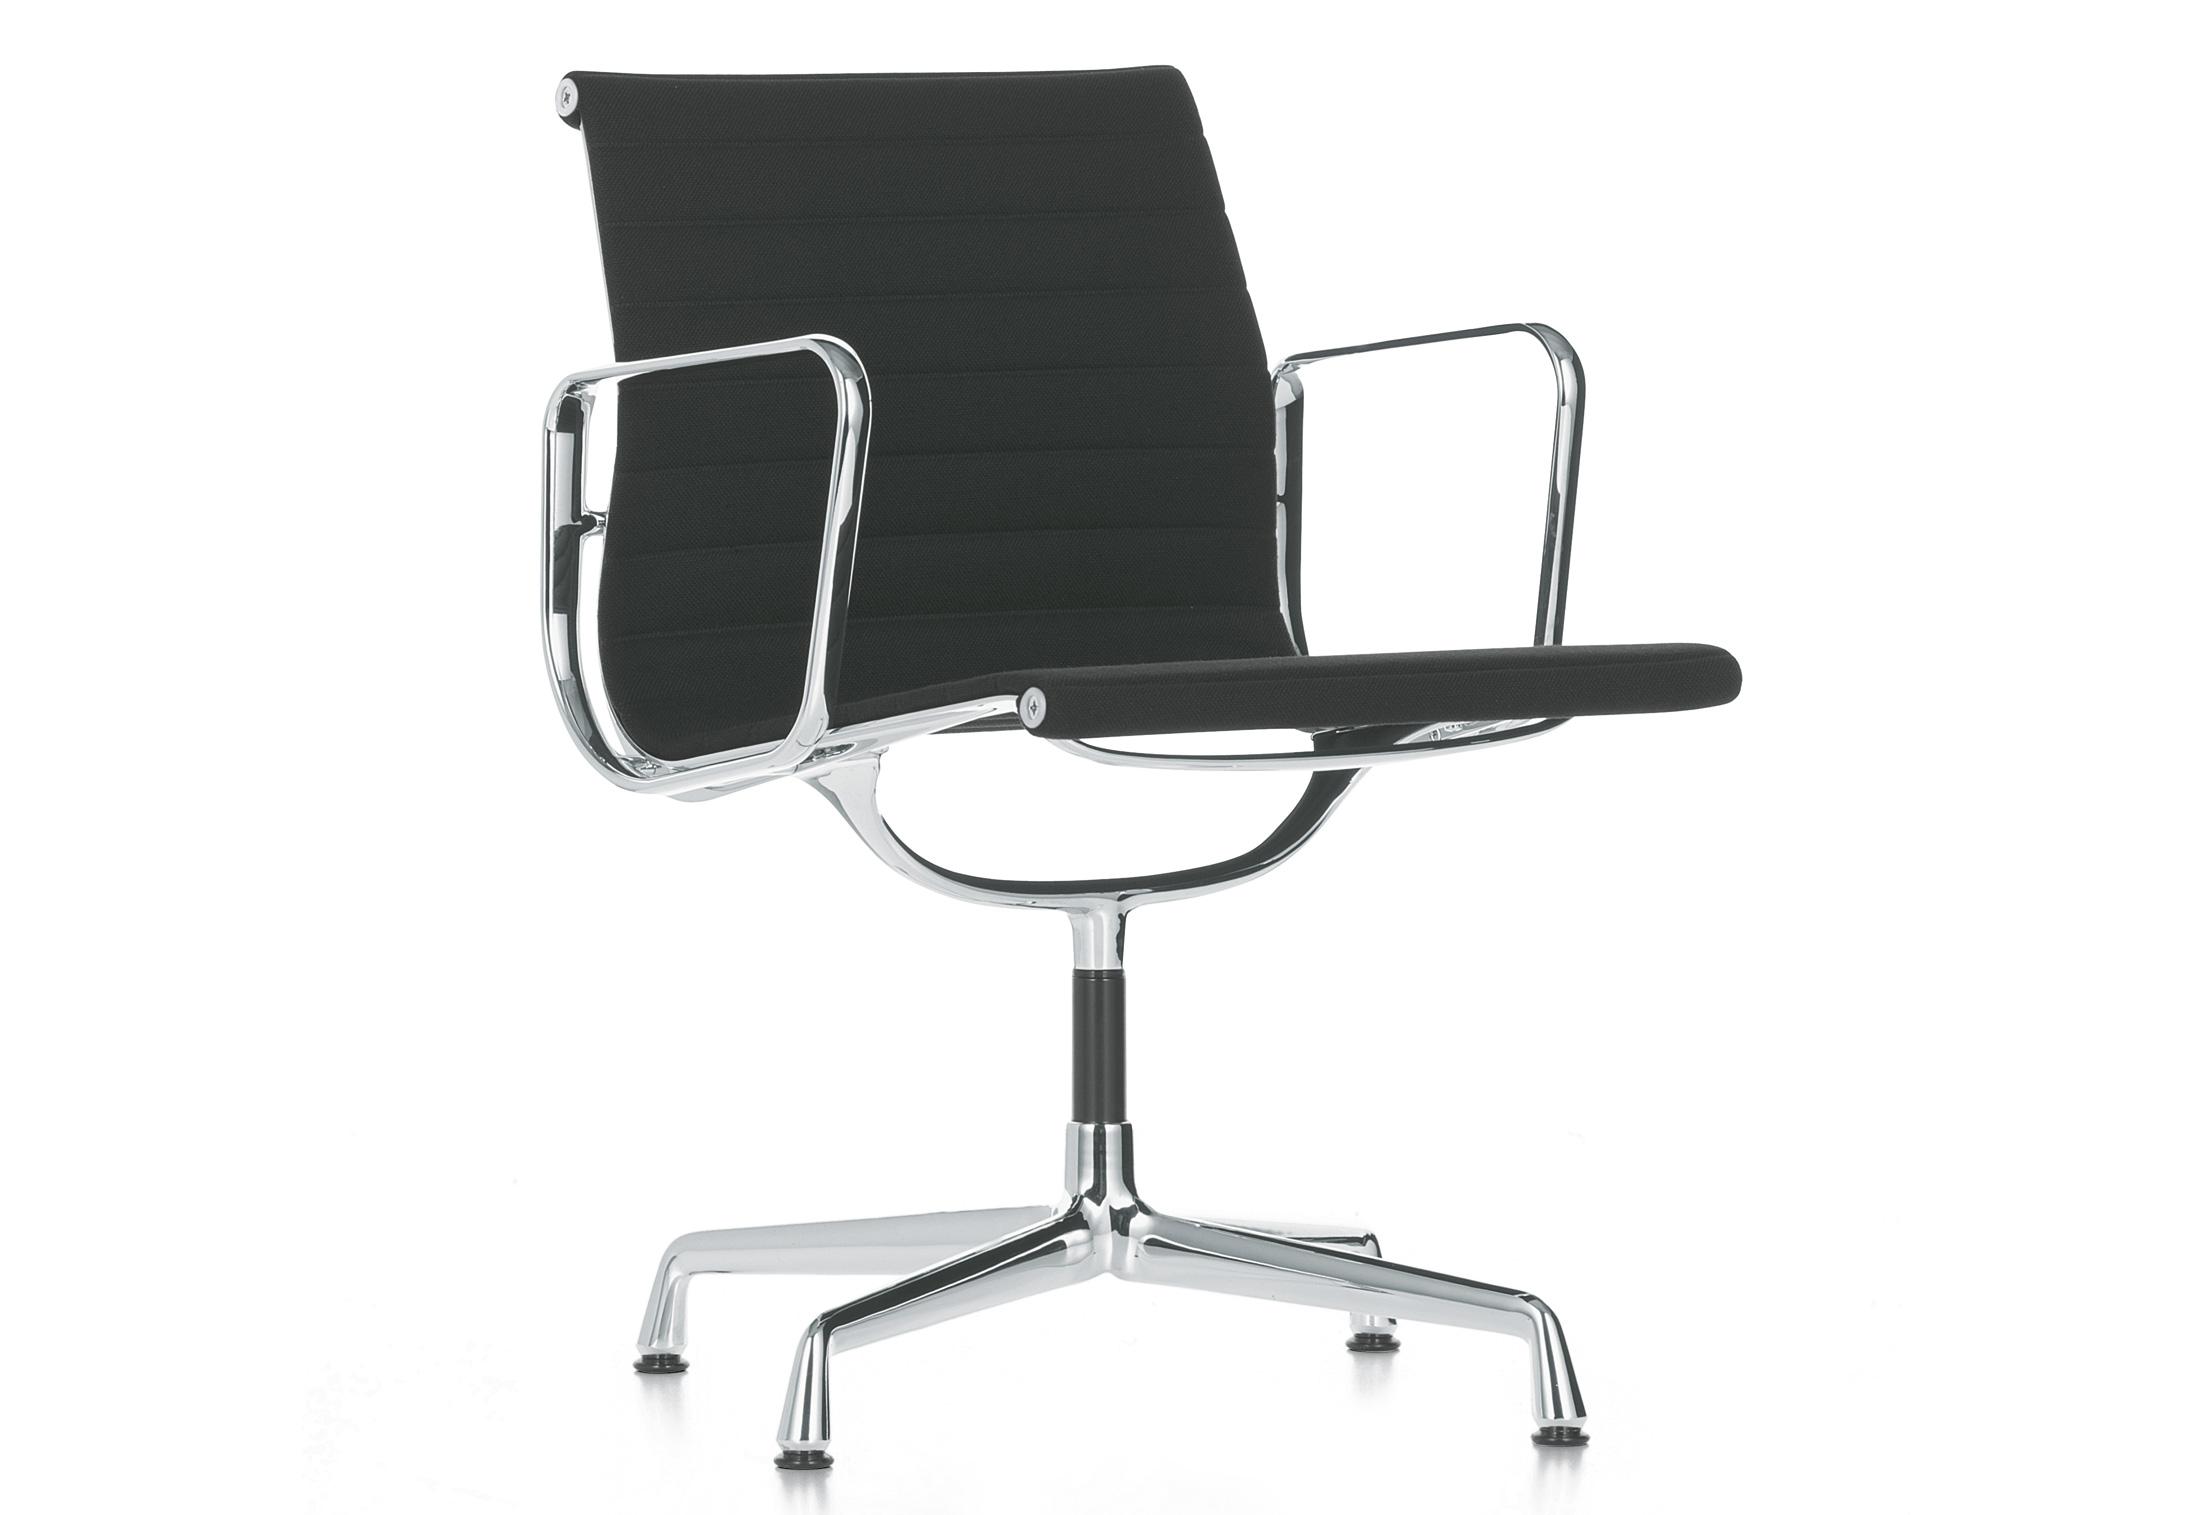 eams aluminium chair di vitra home office arredamento mollura home design. Black Bedroom Furniture Sets. Home Design Ideas